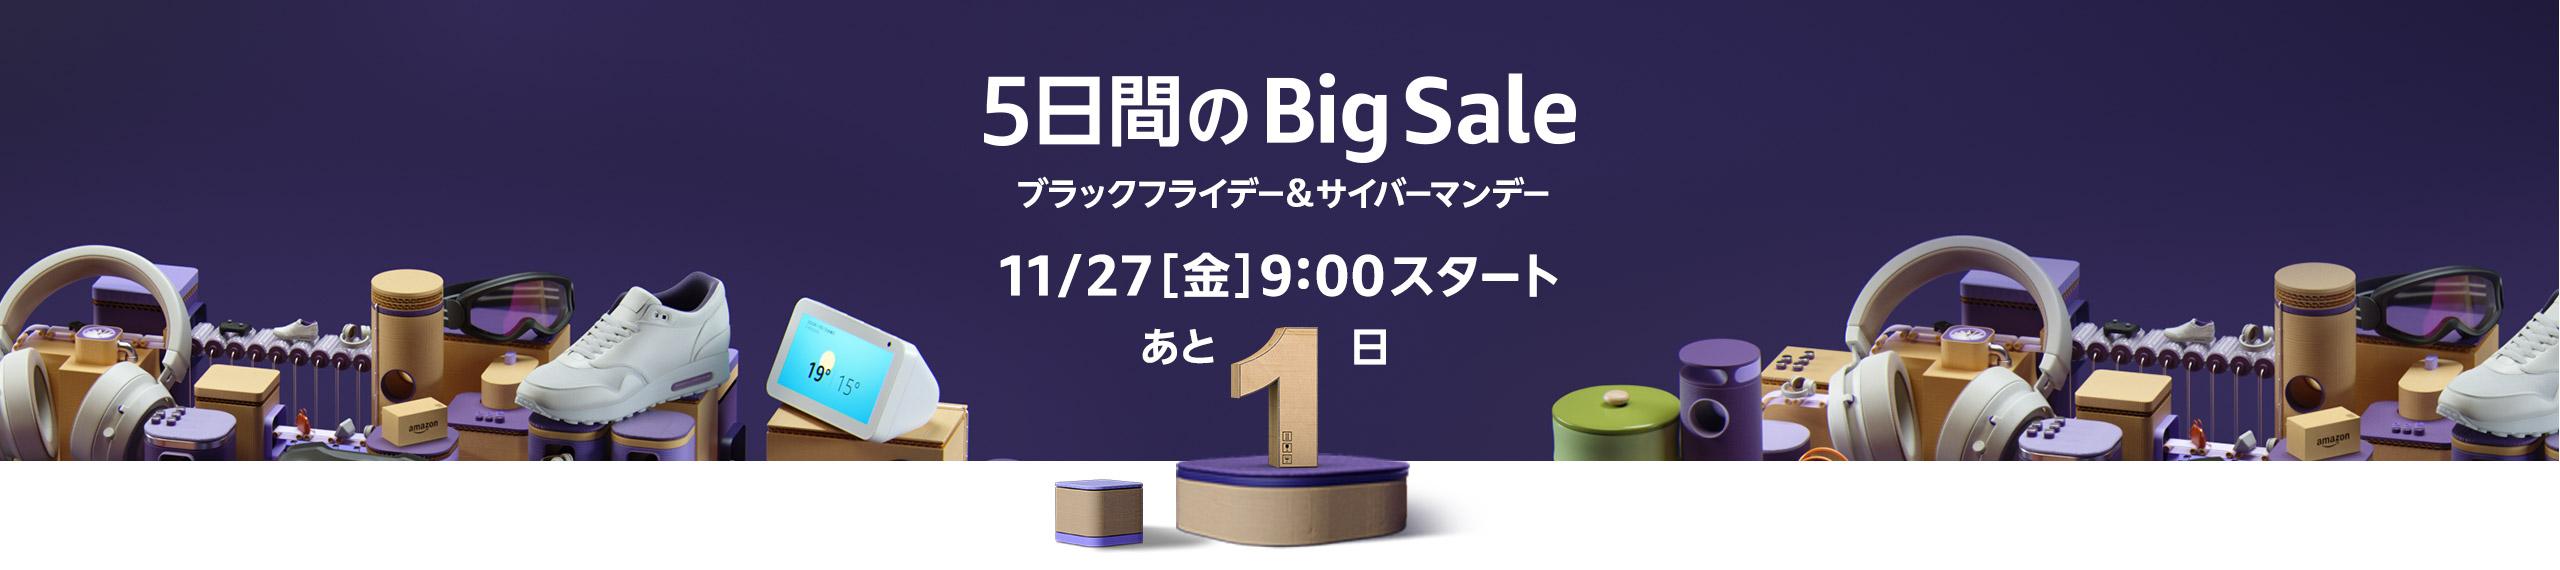 【Amazonブラックフライデー&サイバーマンデー】11月27日~12月1日に開催されます